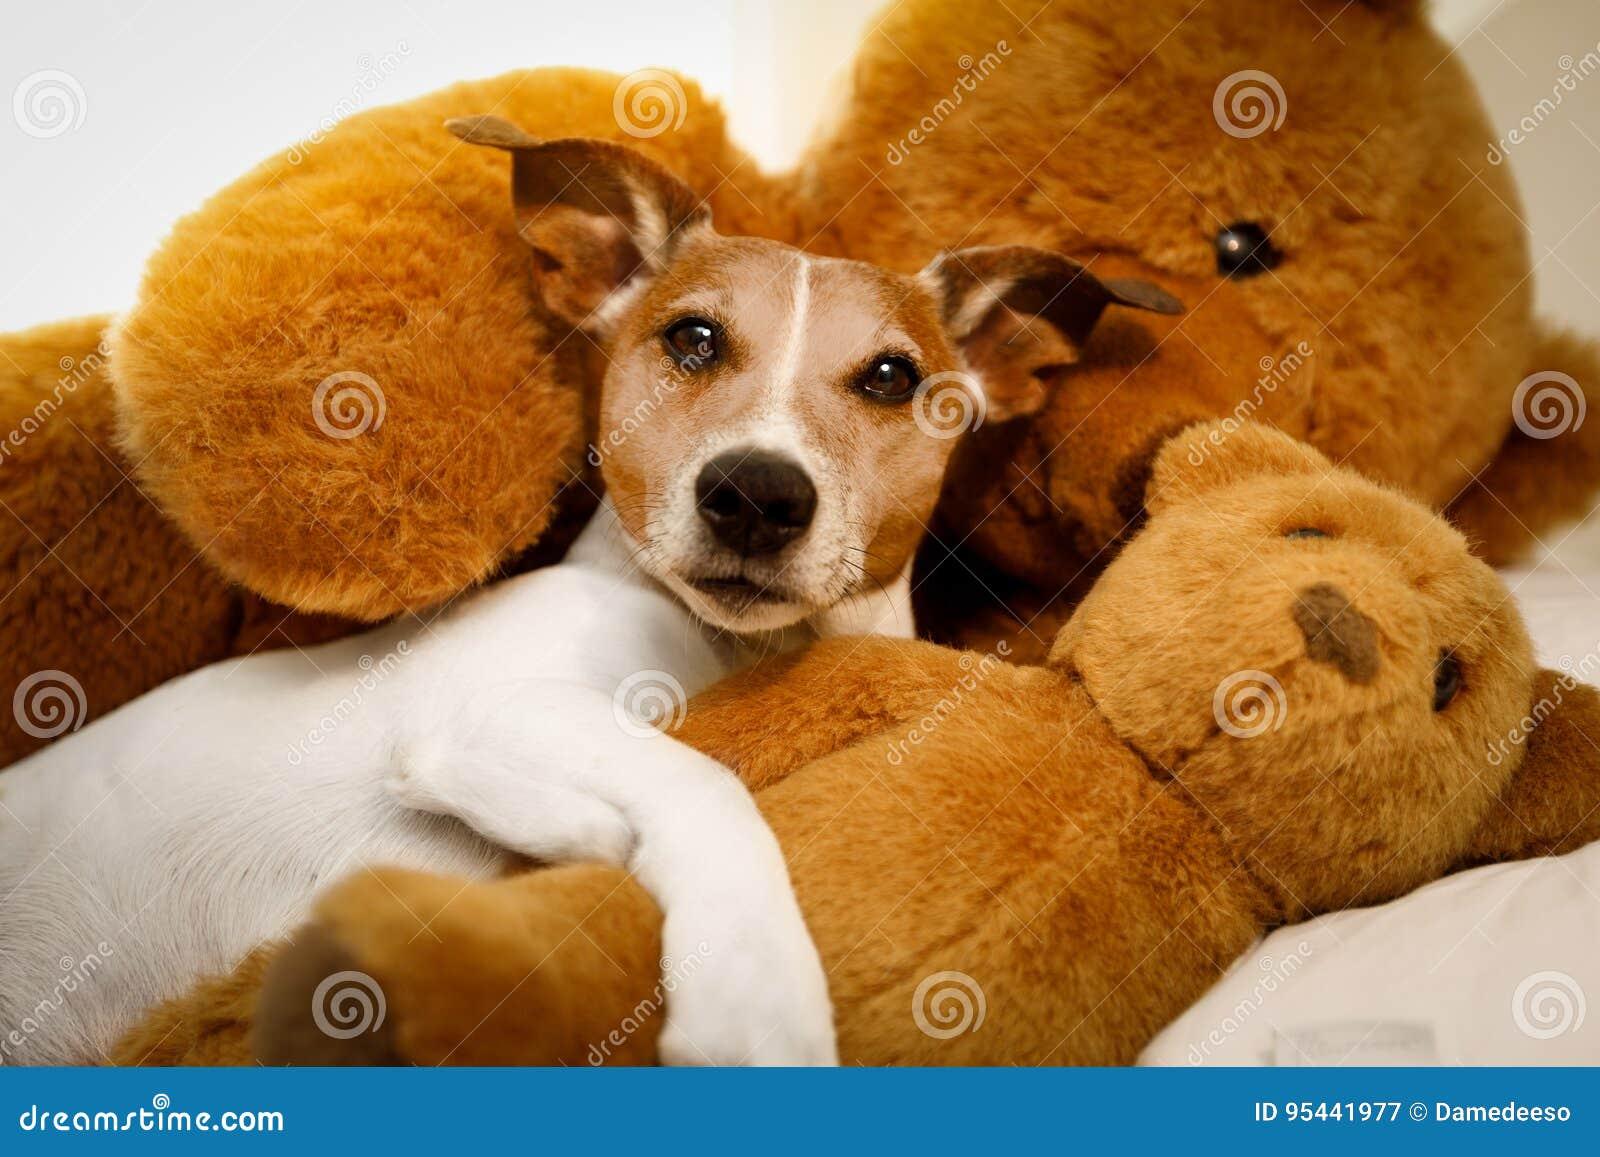 Gemütlicher Hund Im Bett Mit Teddybären Stockbild - Bild von ...